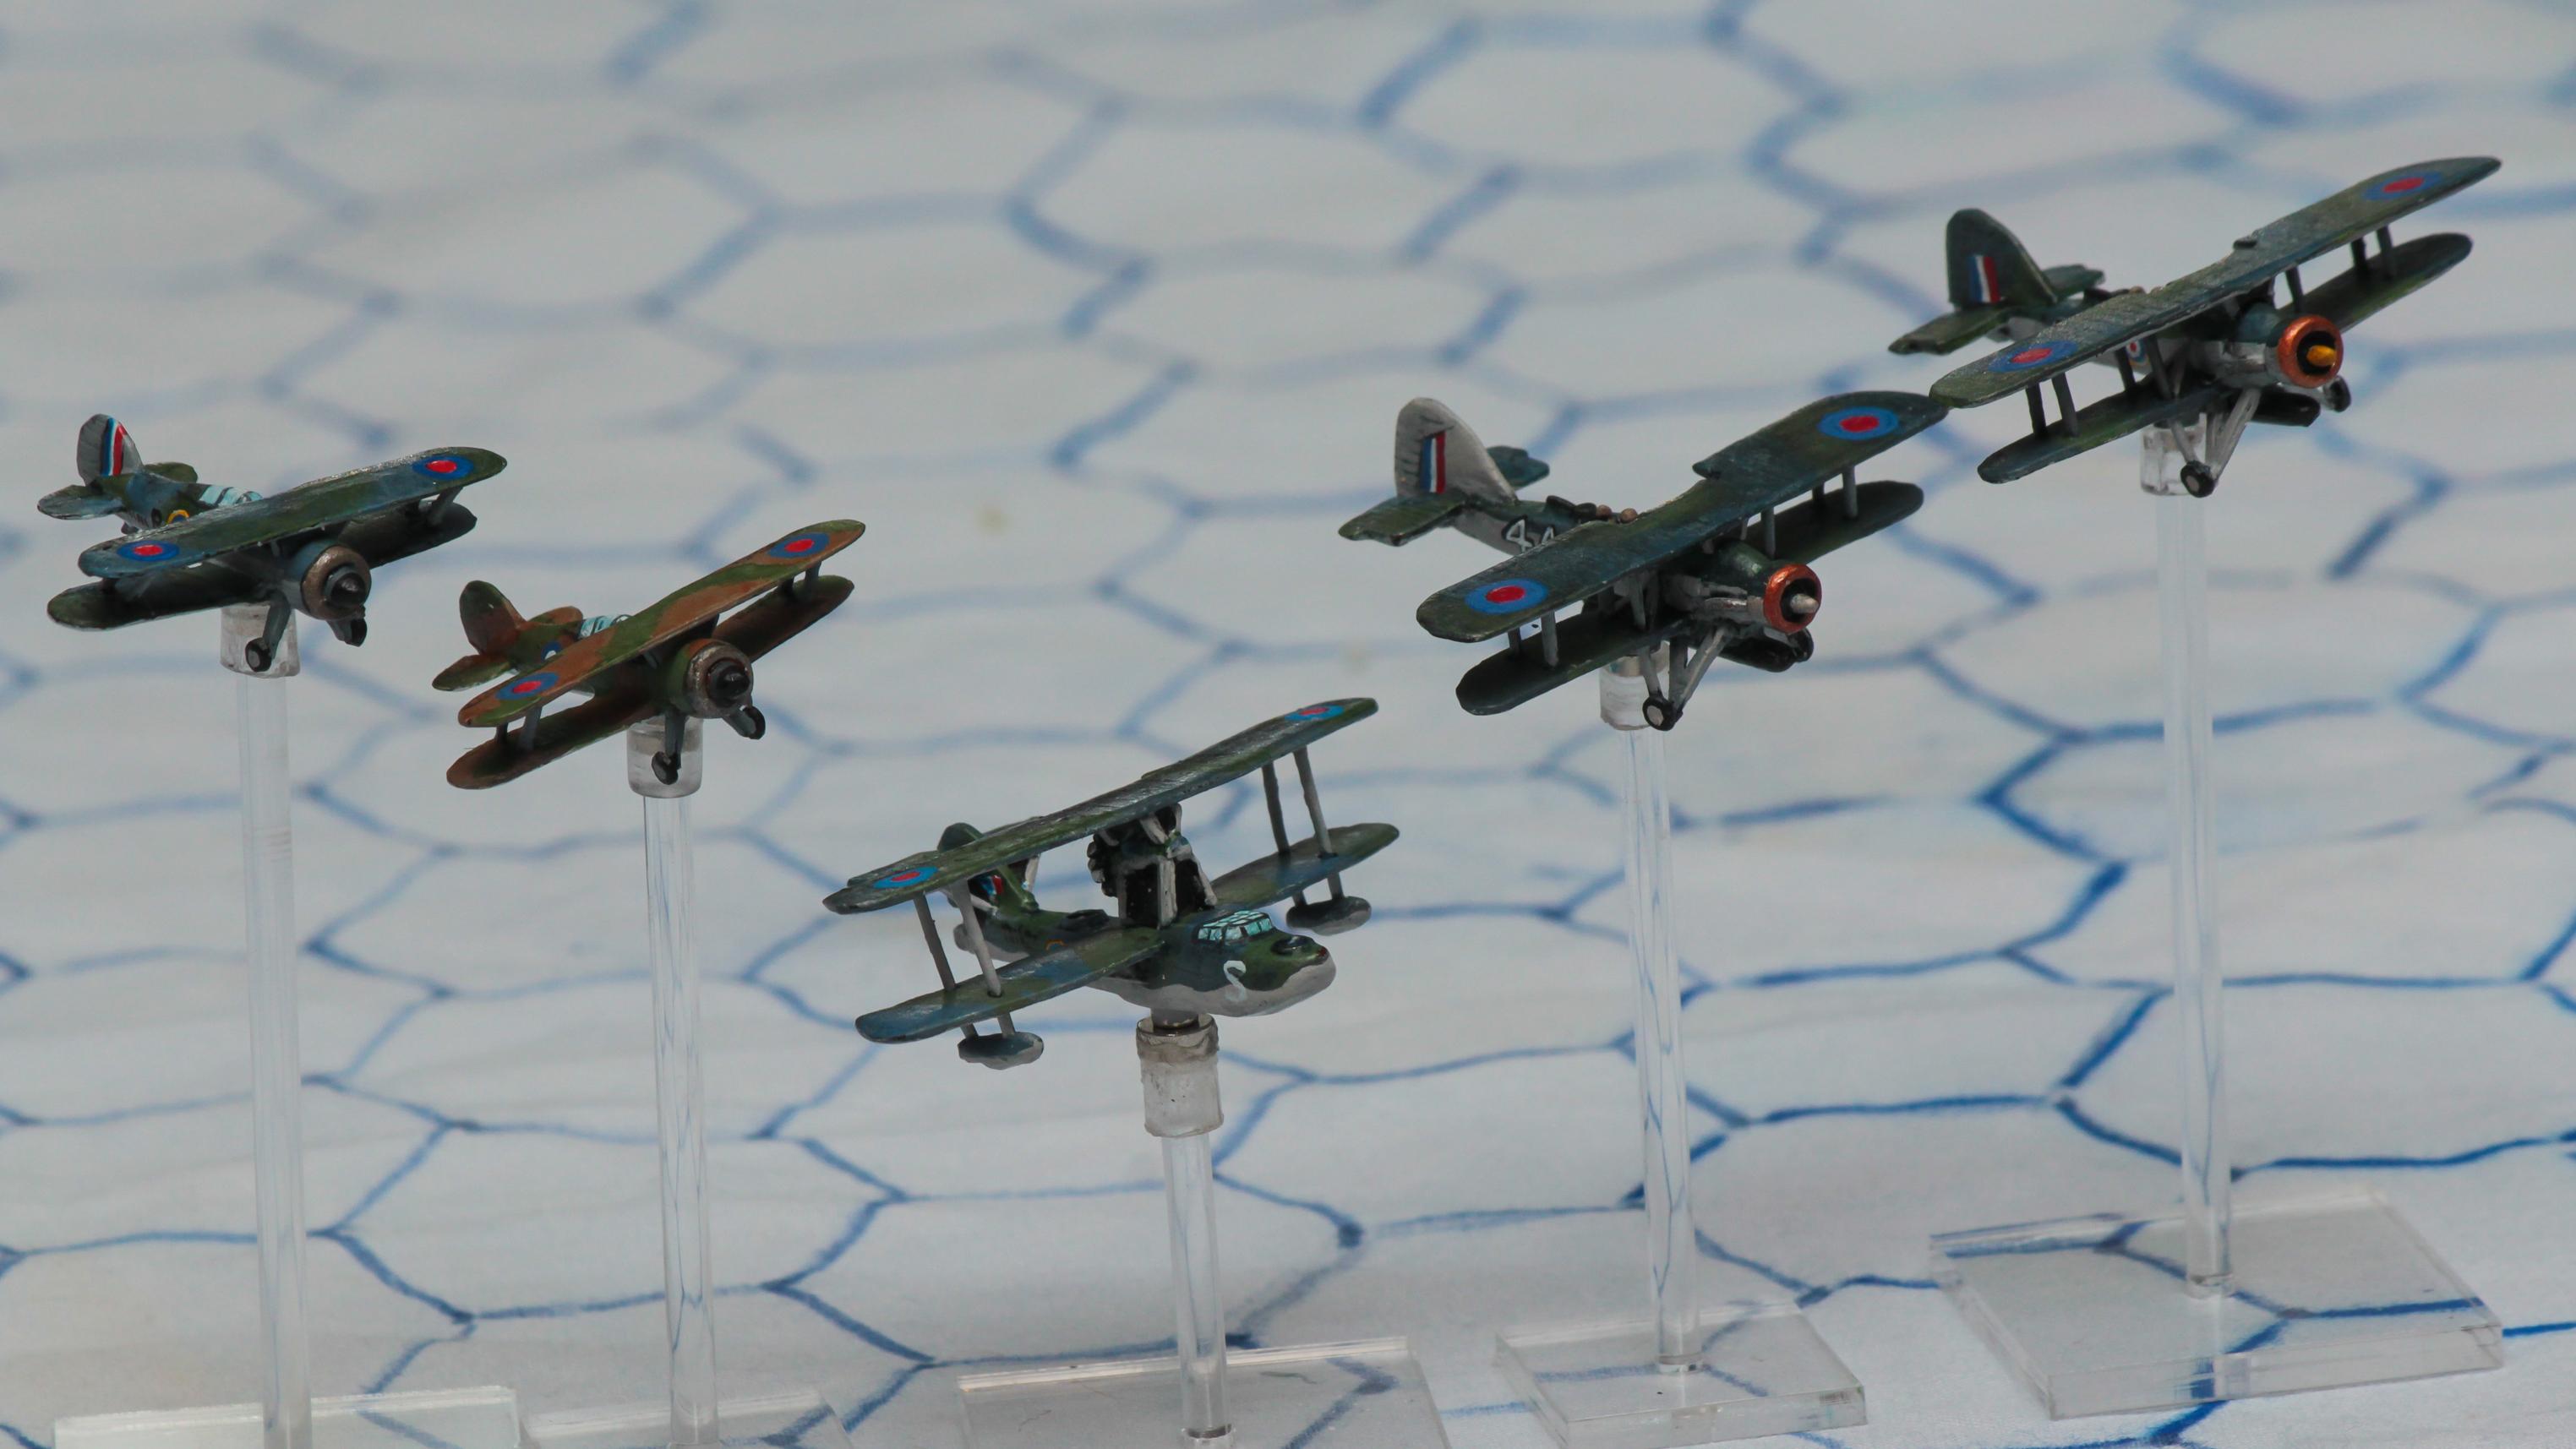 Air, Aircraft, Aviation, Fliers, Historical, Planes, World War 2